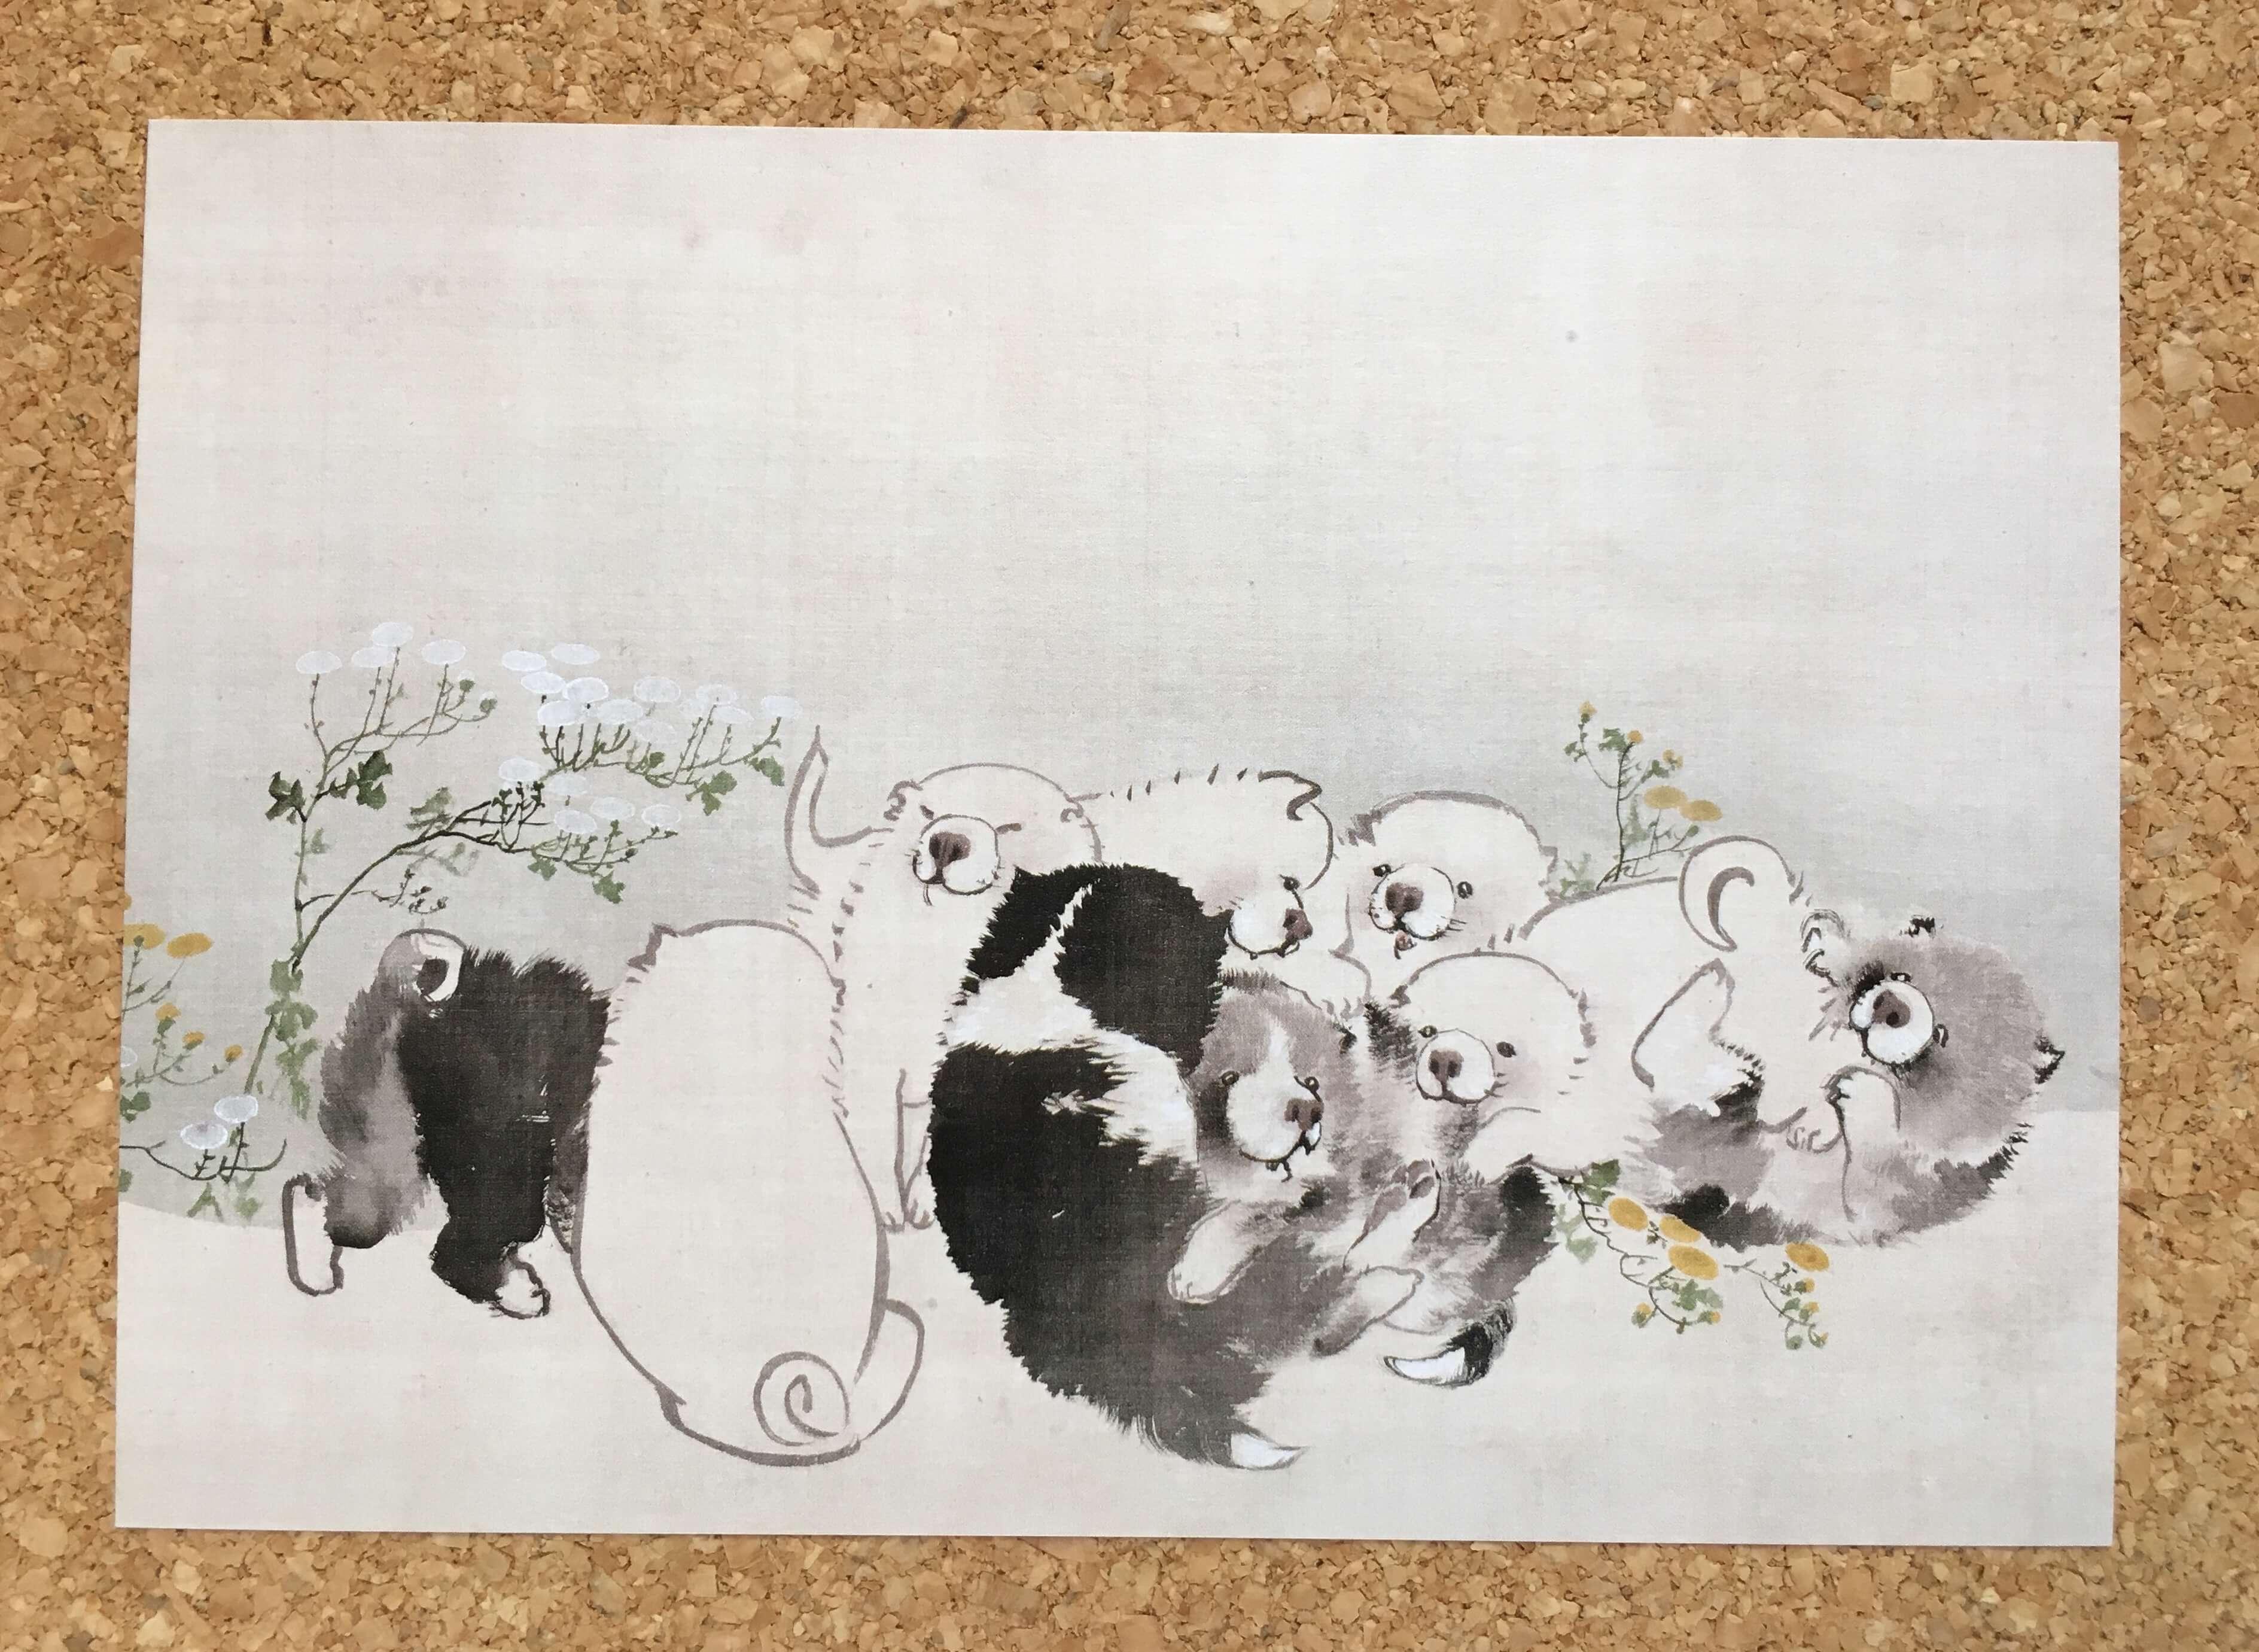 長沢蘆雪『菊花子犬図』